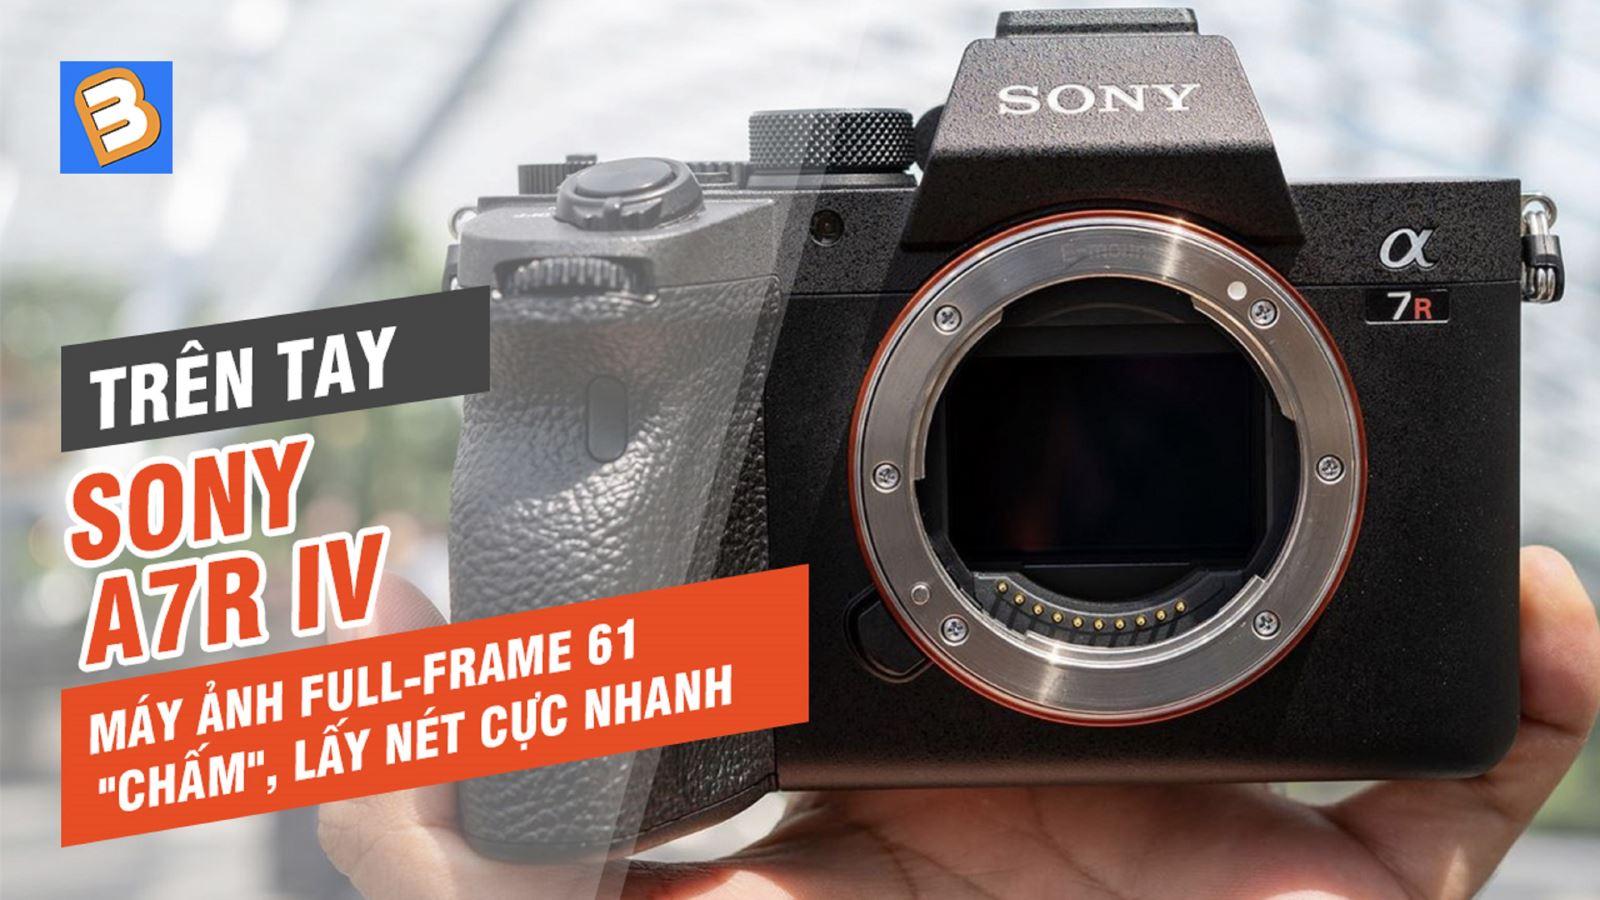 Trên tay Sony A7R IV: Máy ảnh Full-Frame 61 'chấm',lấy nét cực nhanh